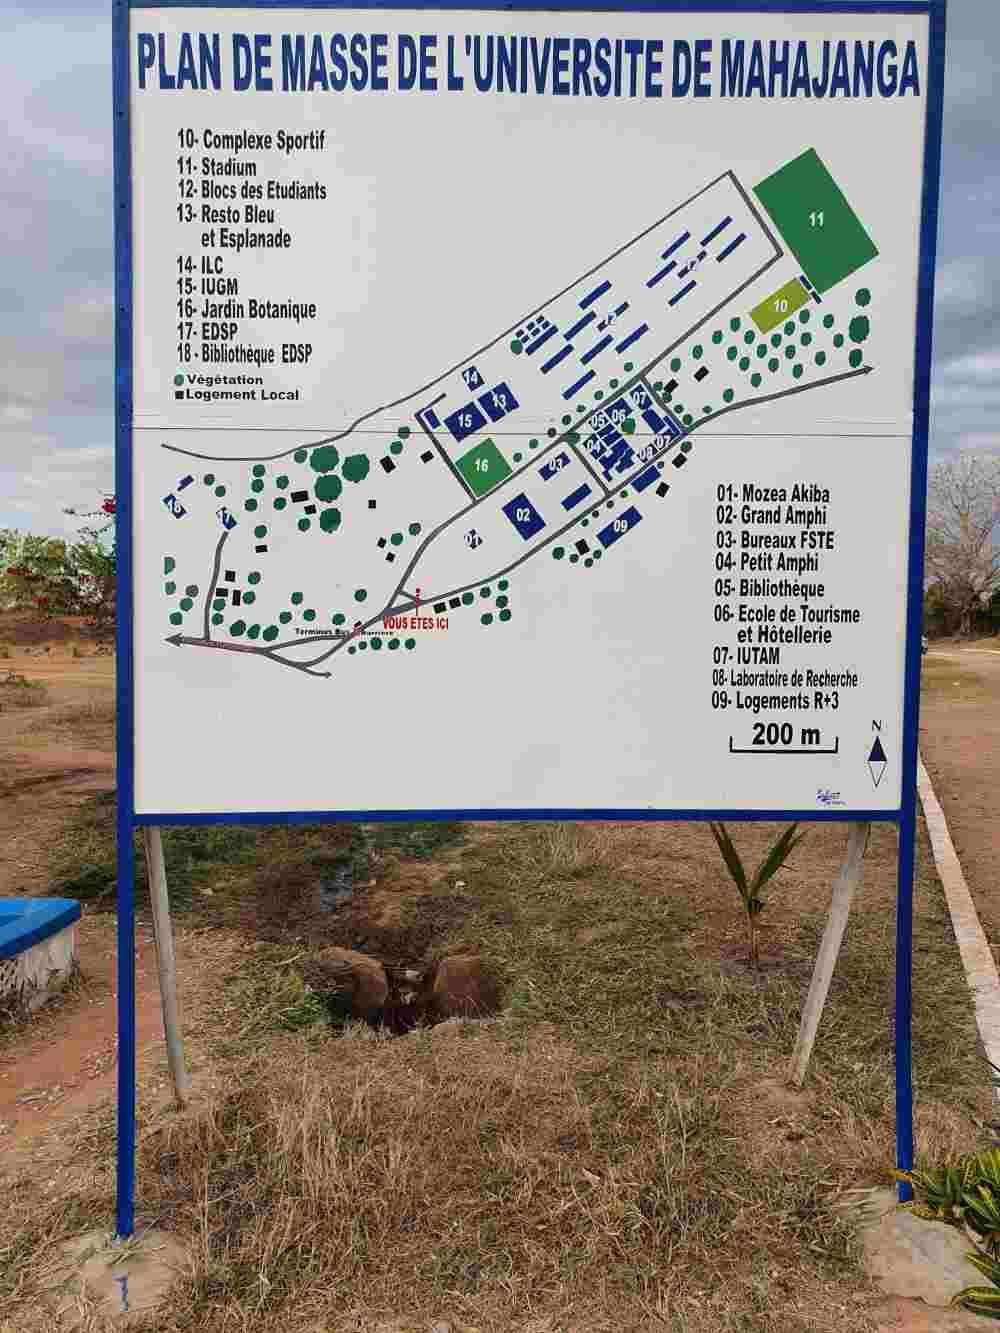 Umgebungsplan der Universität Mahajanga, Madagaskar - 01 steht für das Mozea Akiba Museum